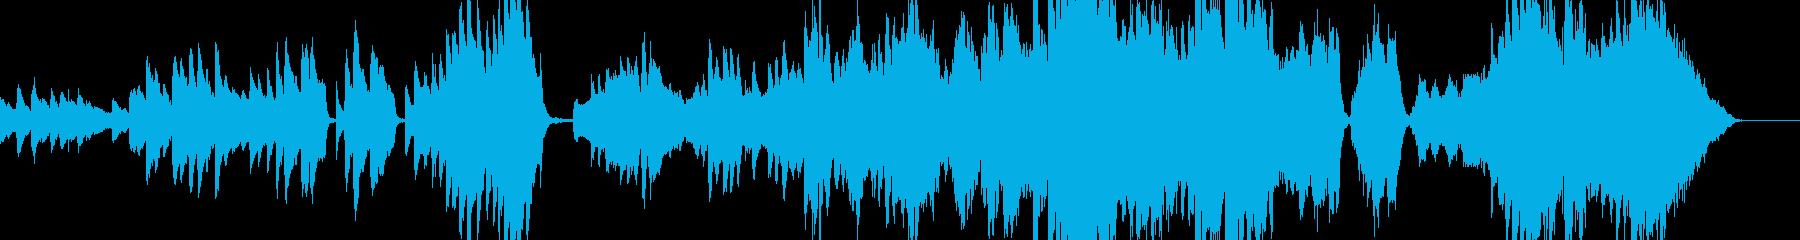 ピアノとストリングス他のしっとりBGMの再生済みの波形